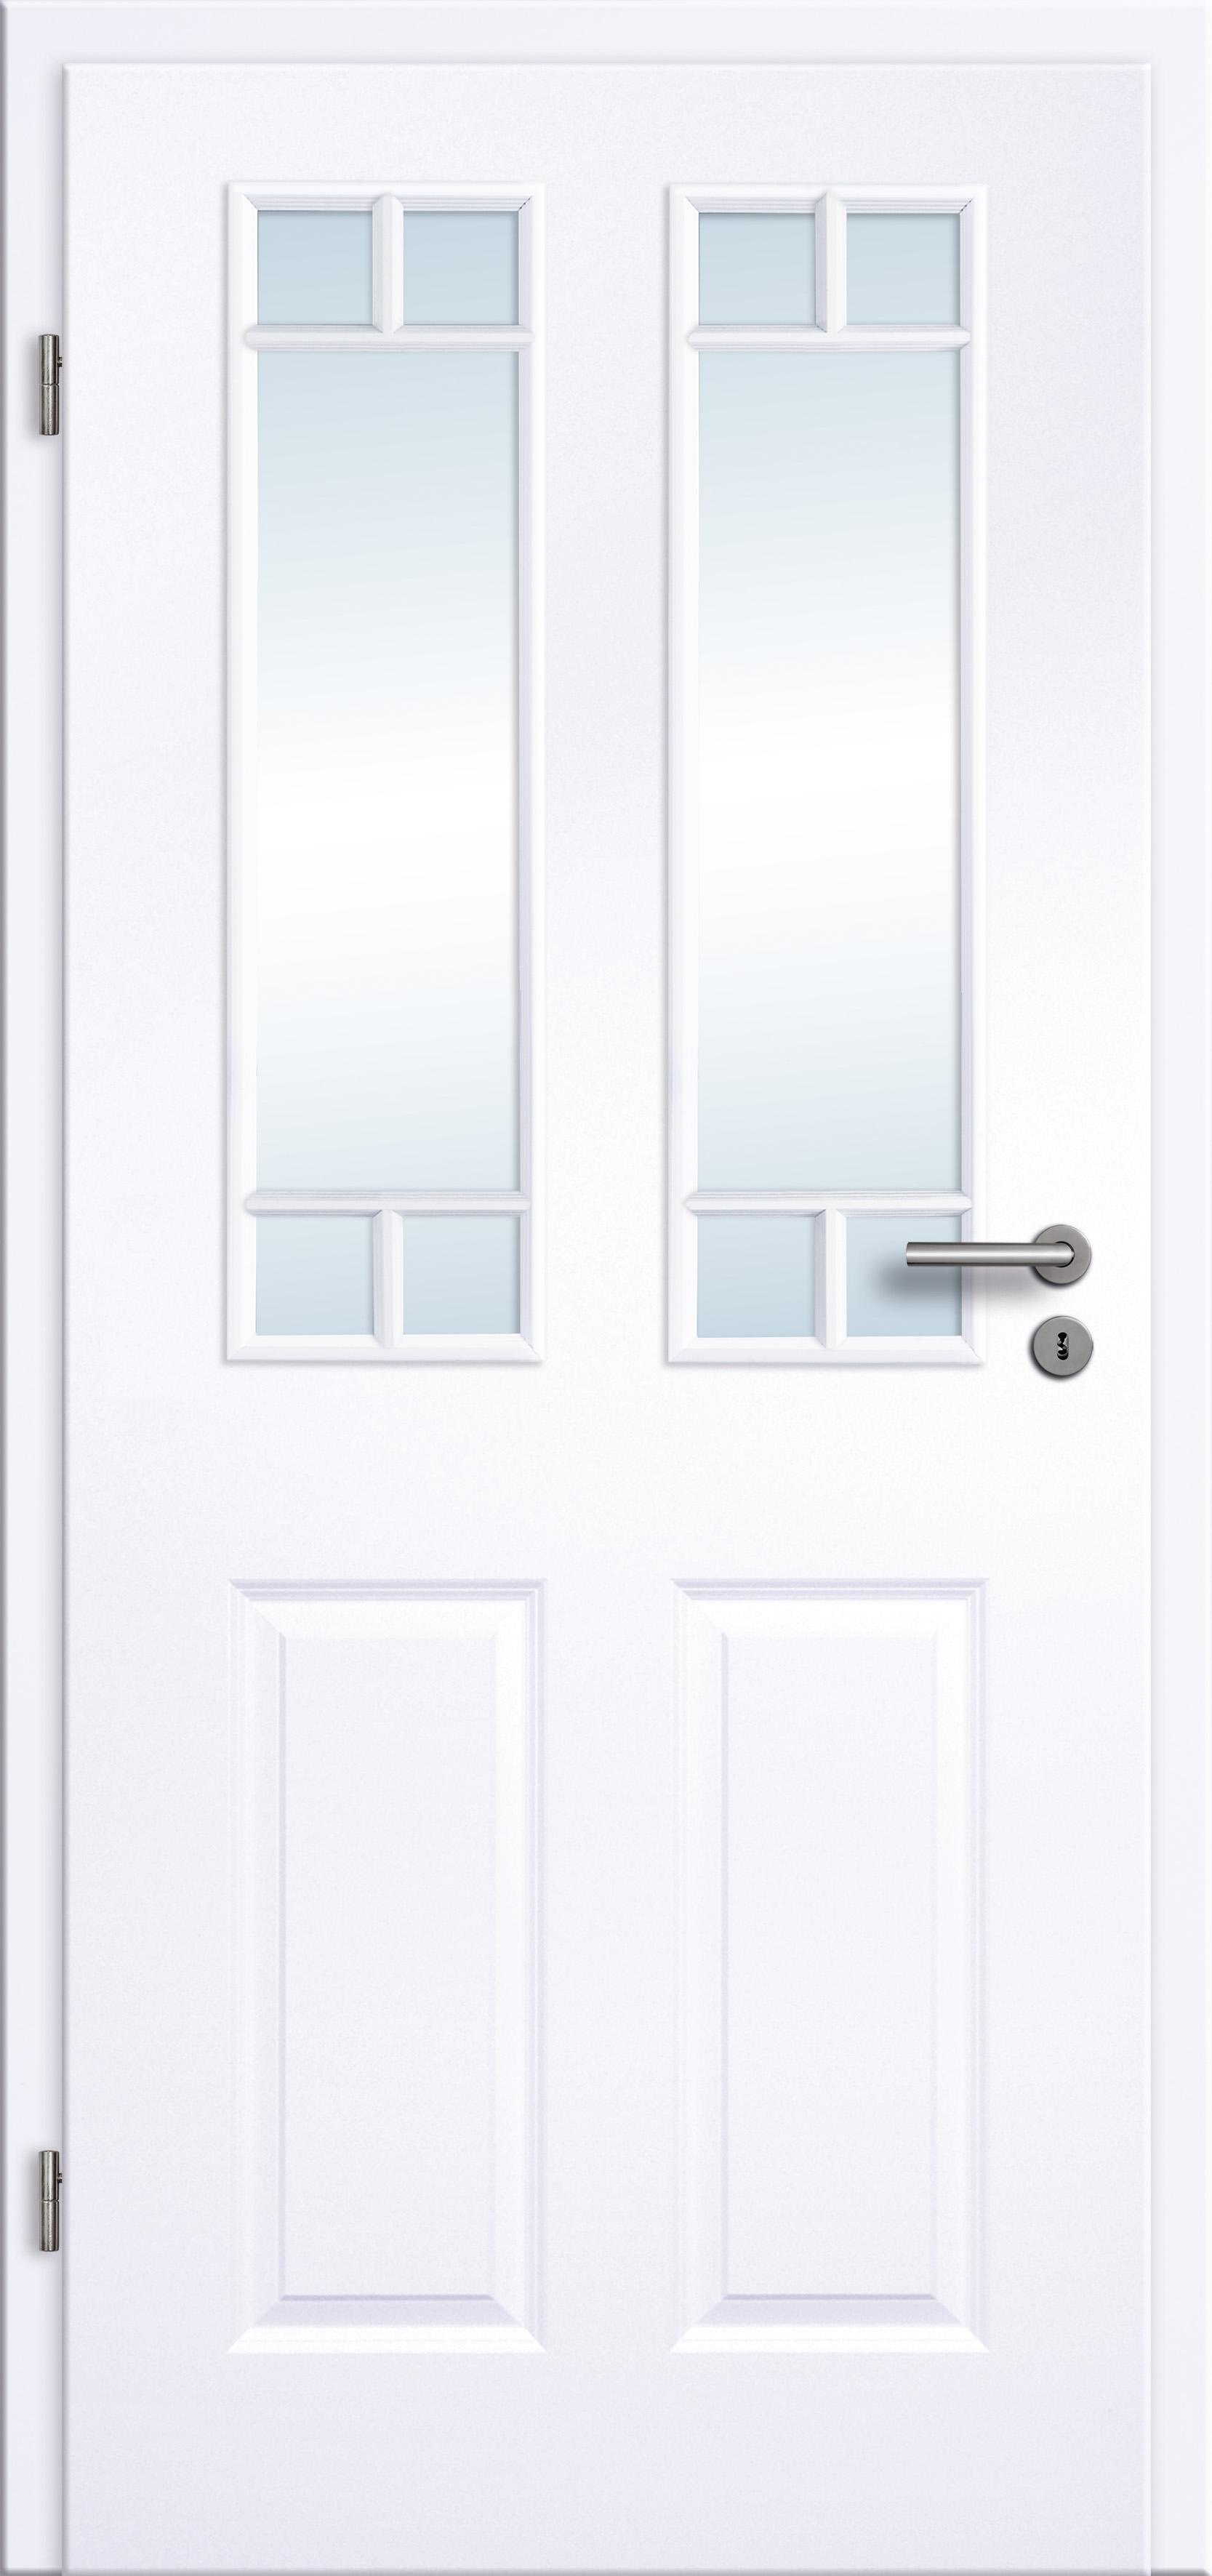 Turbo Innentür Zimmertür Stiltür RSP Weißlack weiss und Lichtausschnitt FG88